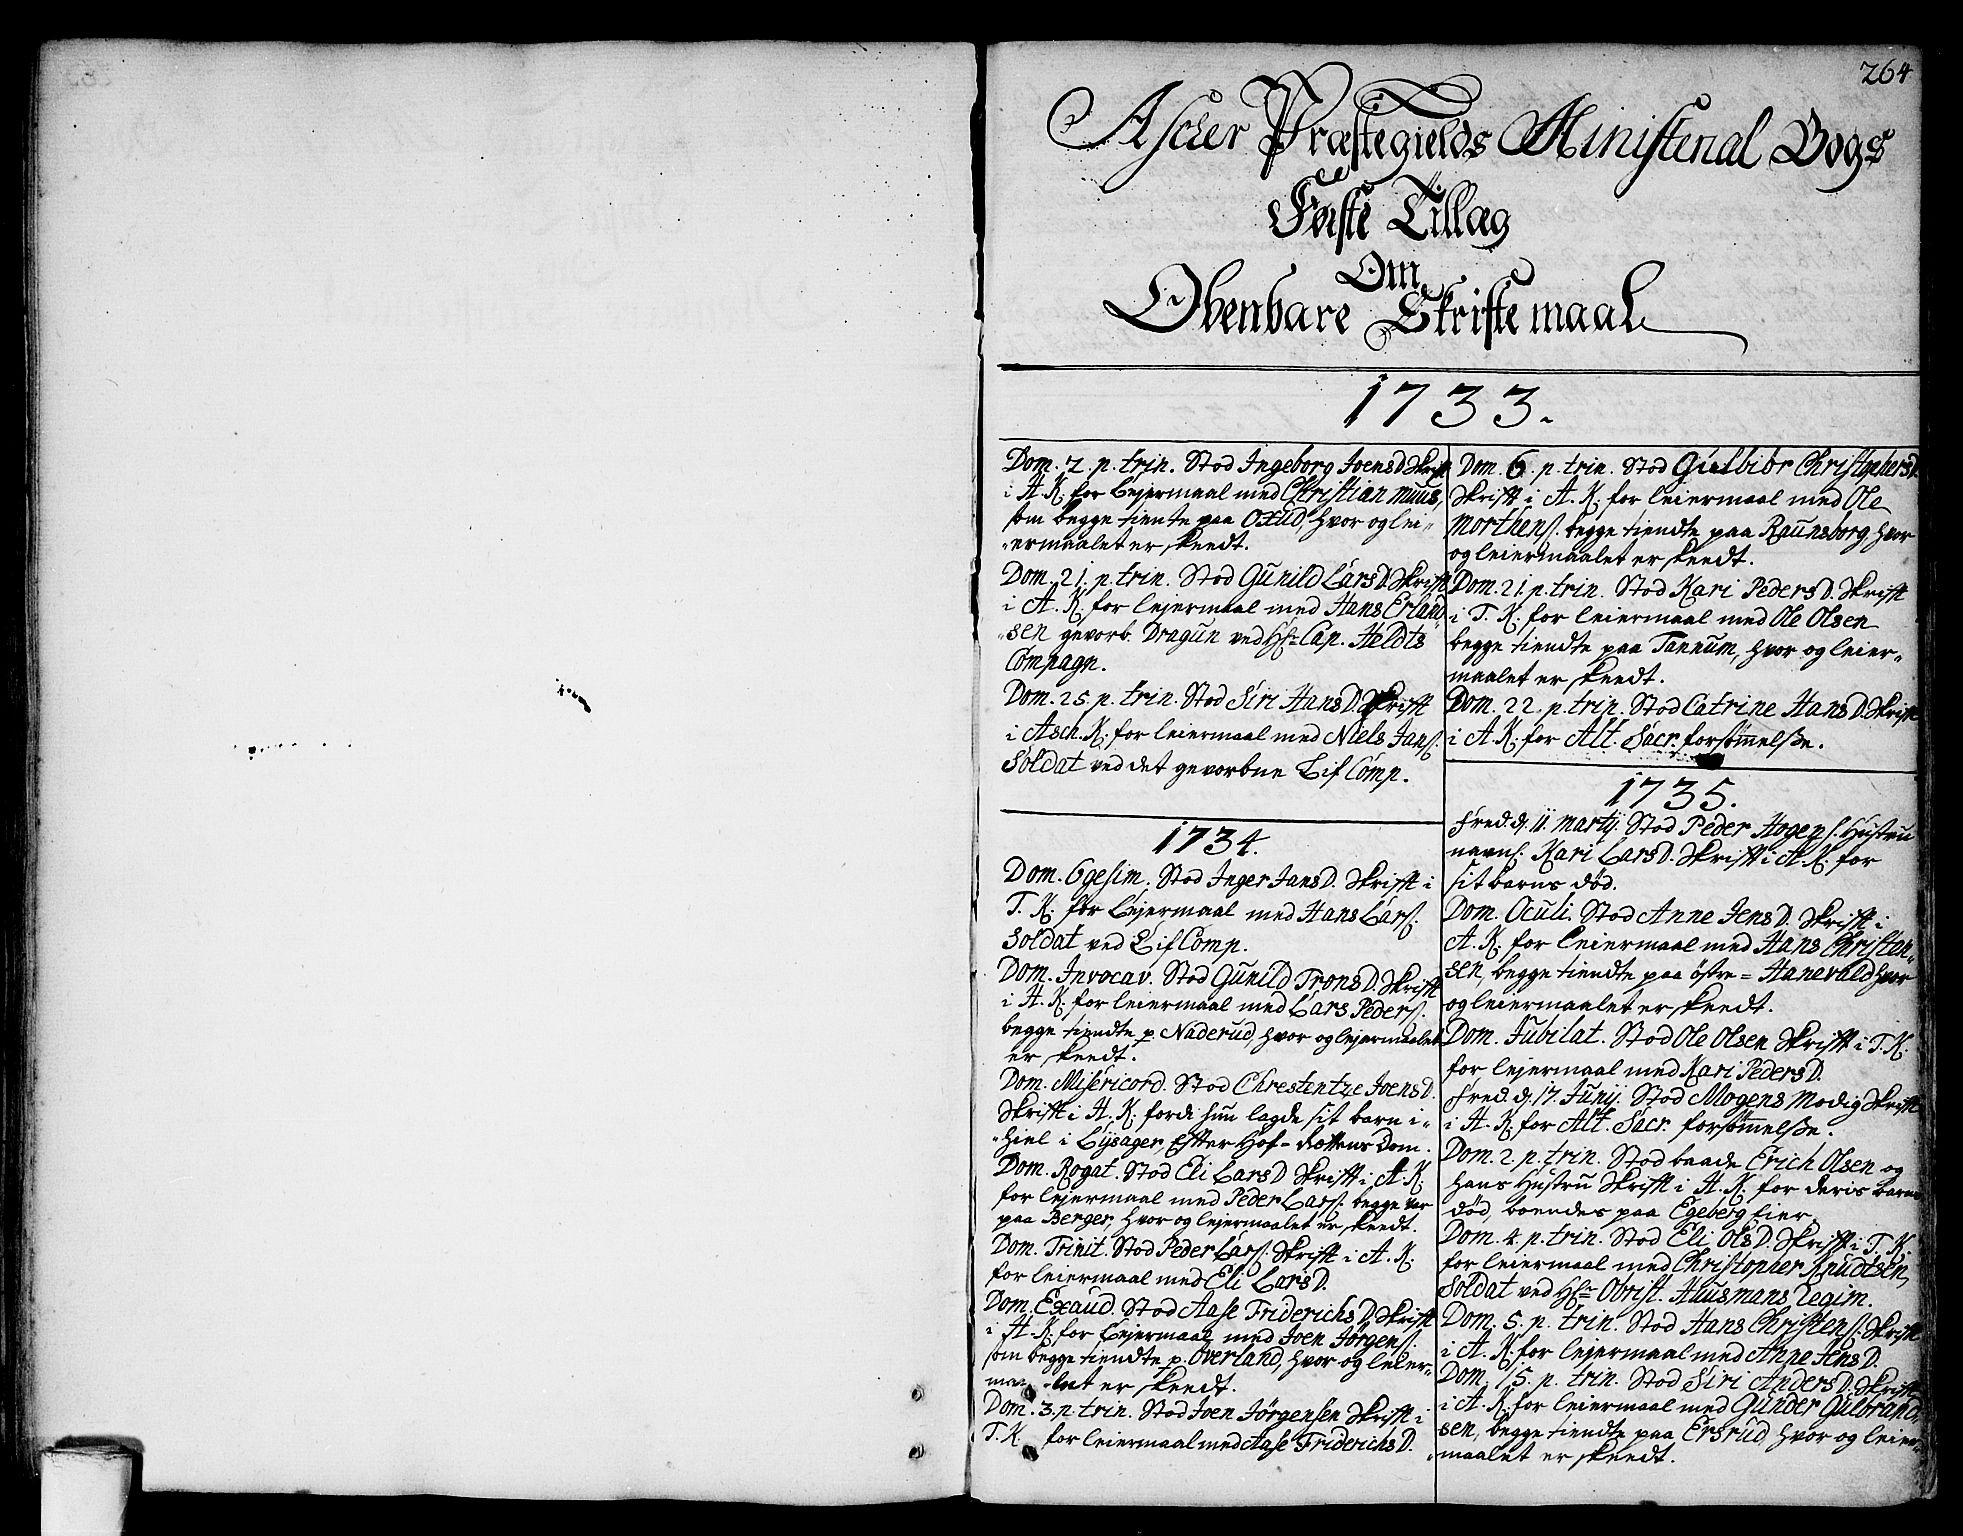 SAO, Asker prestekontor Kirkebøker, F/Fa/L0002: Ministerialbok nr. I 2, 1733-1766, s. 264